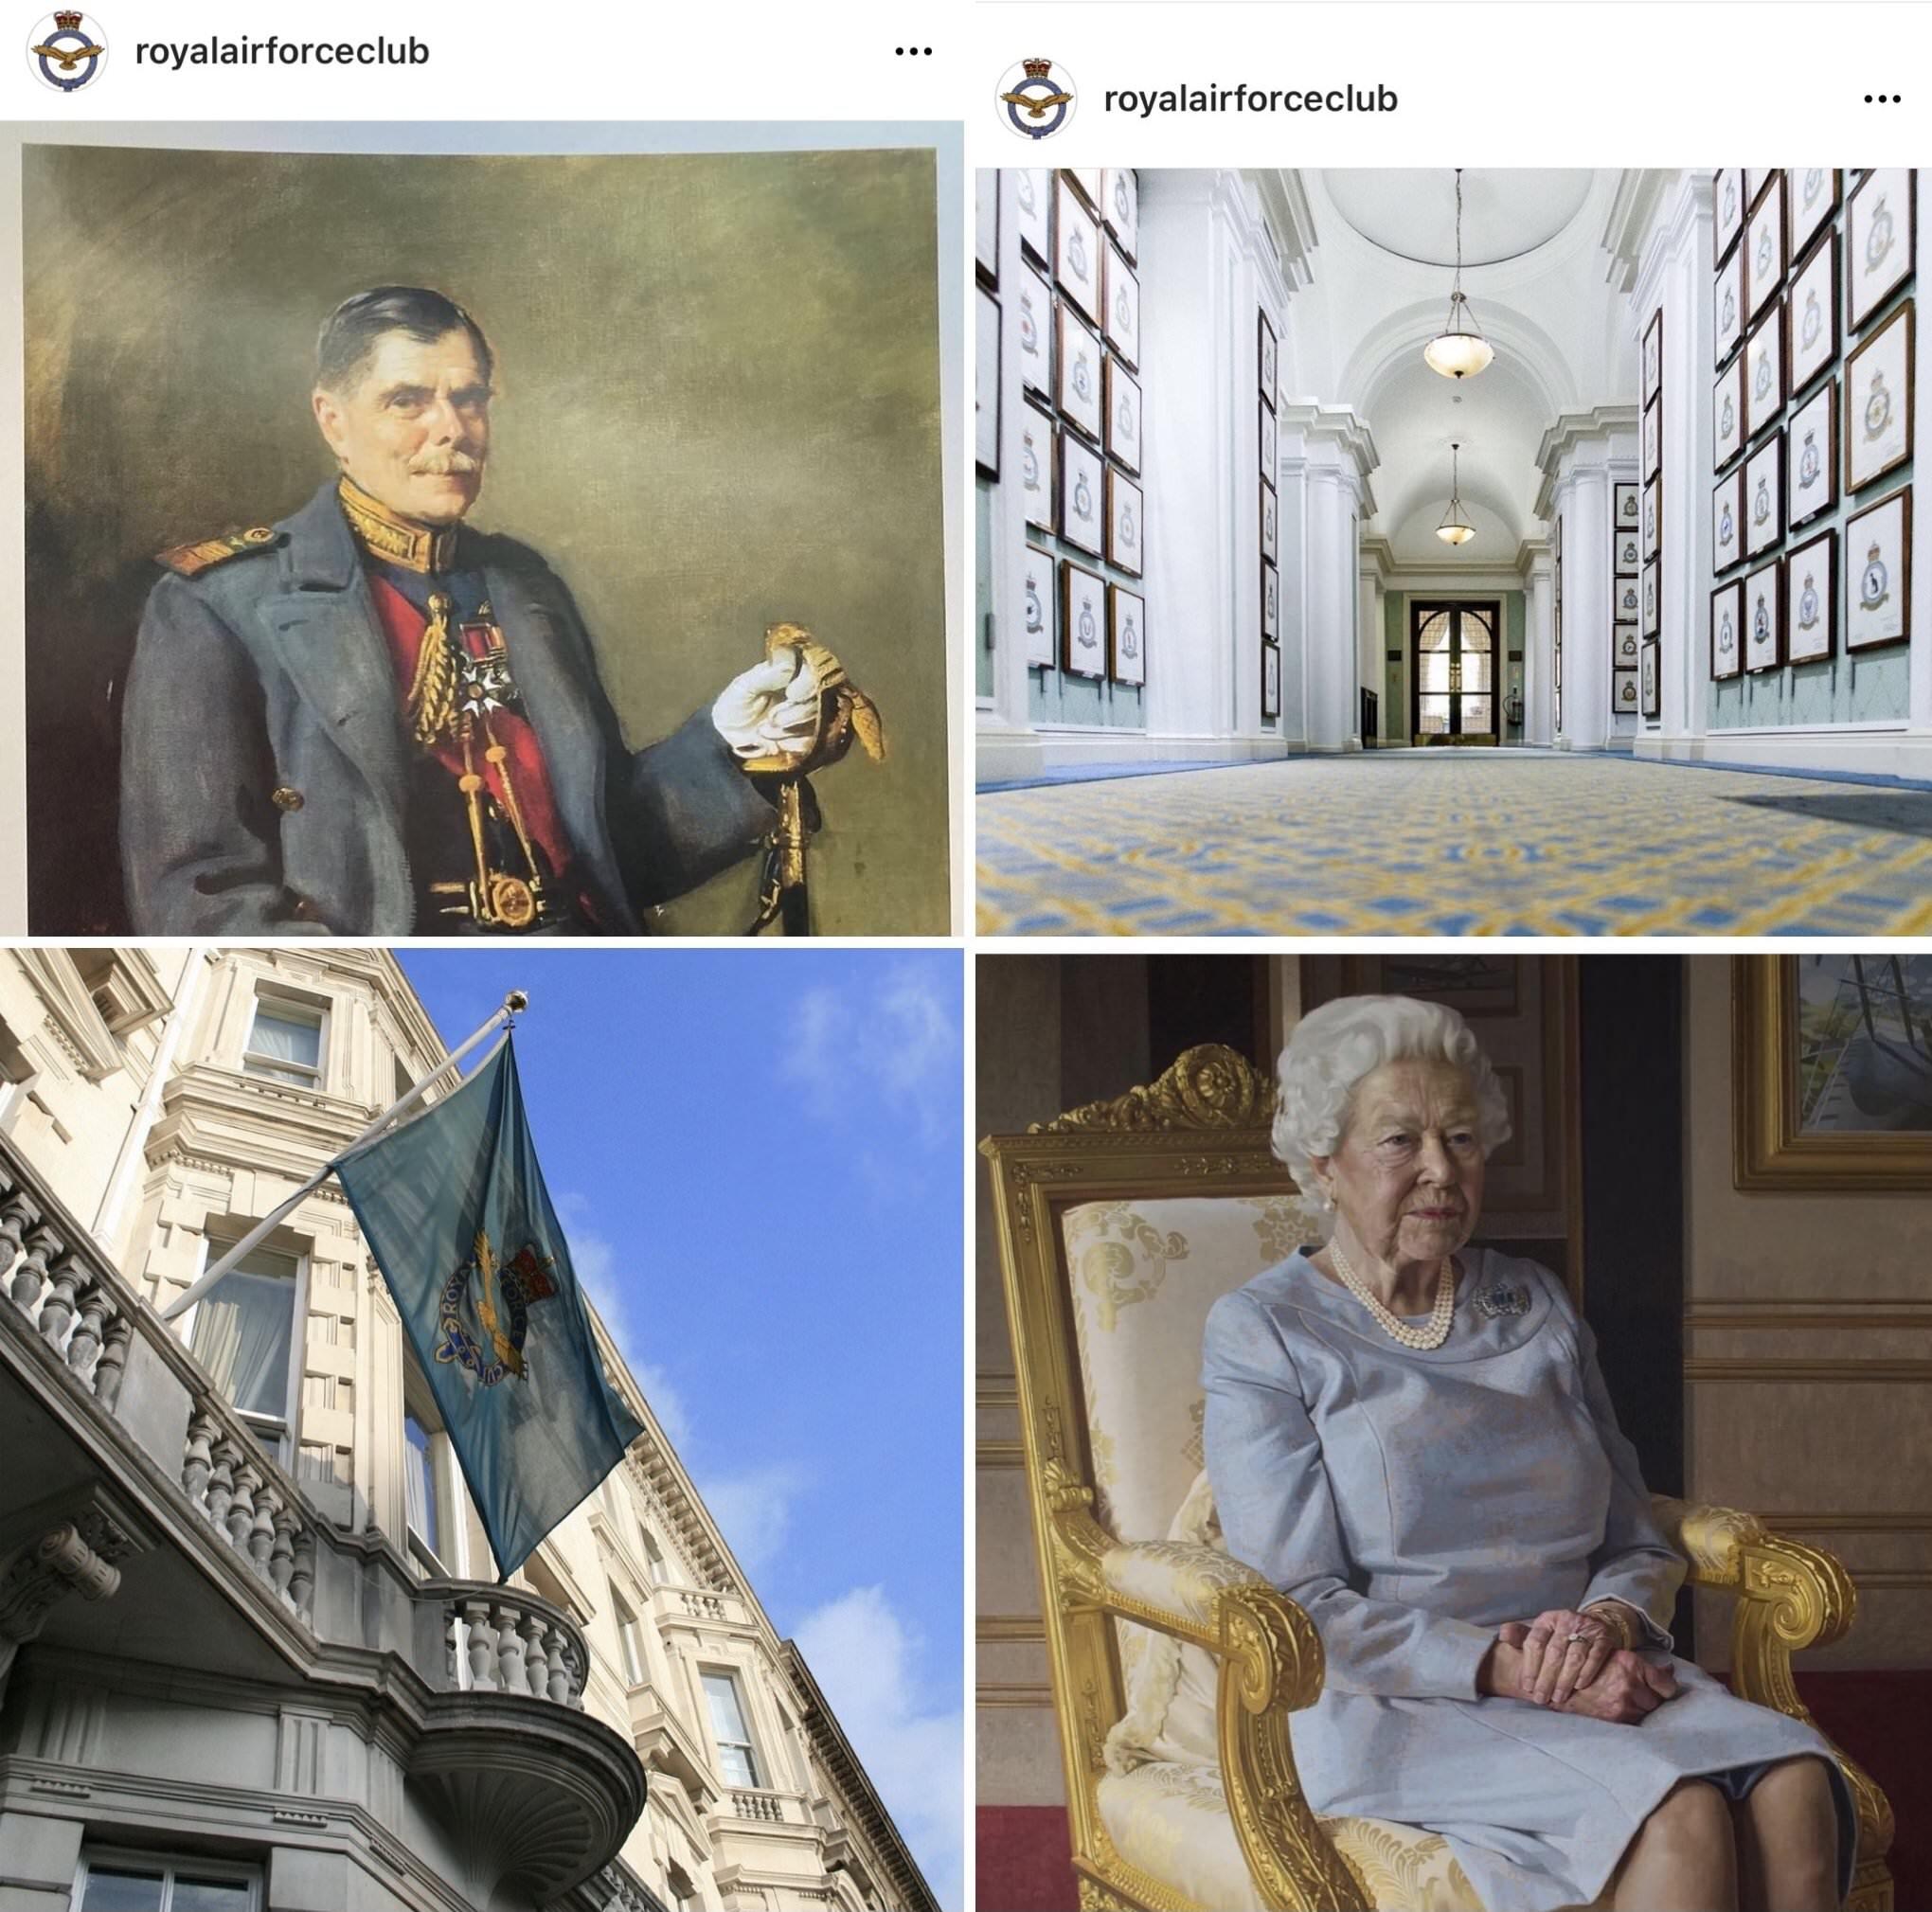 raf club instagram images